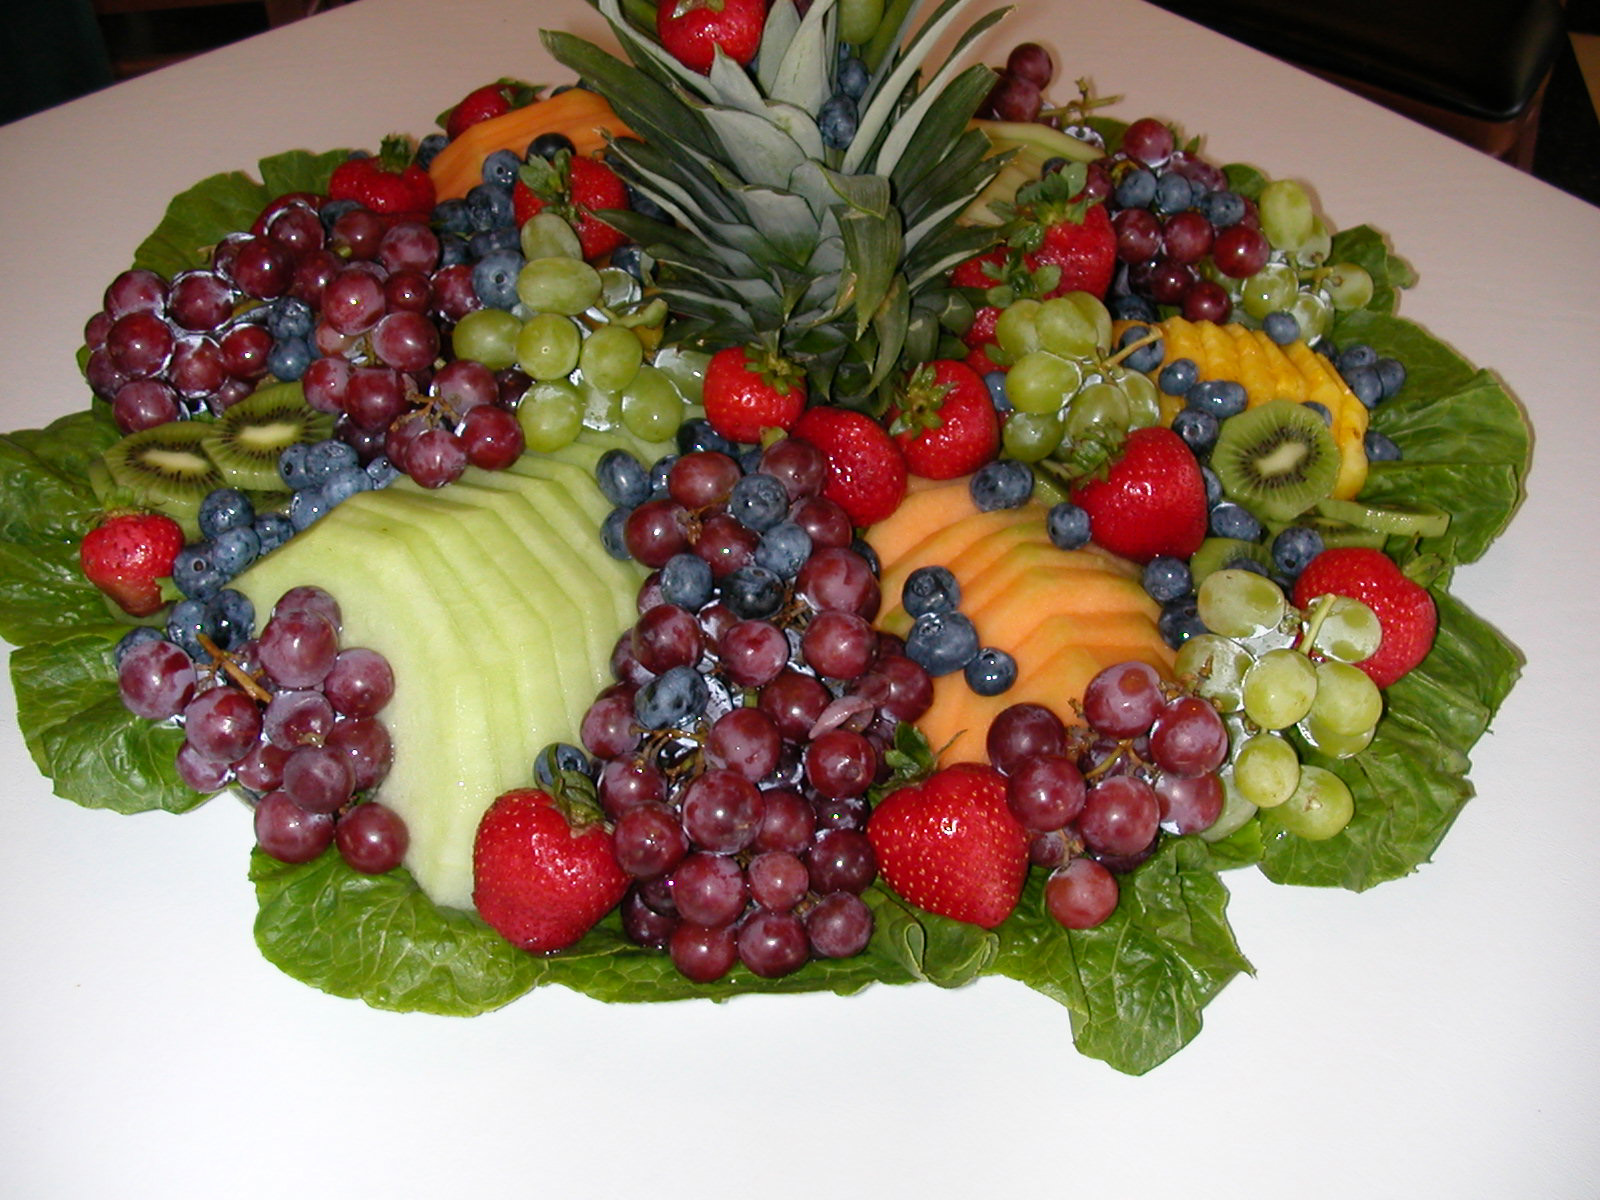 Arreglos de mesa con frutas y verduras imagui for Centros de frutas